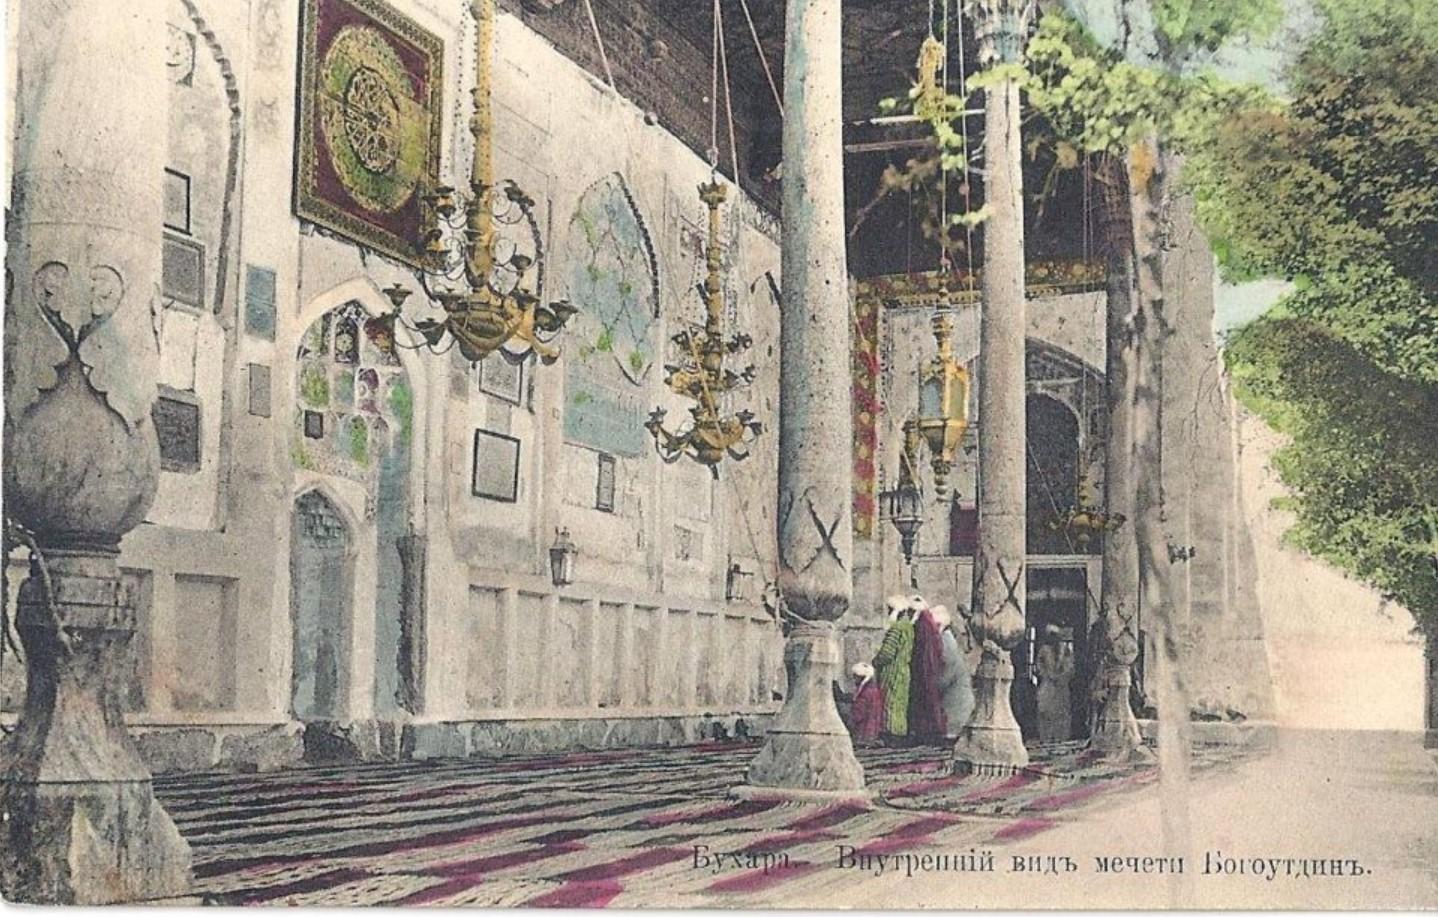 Внутренний вид мечети Богоутдин